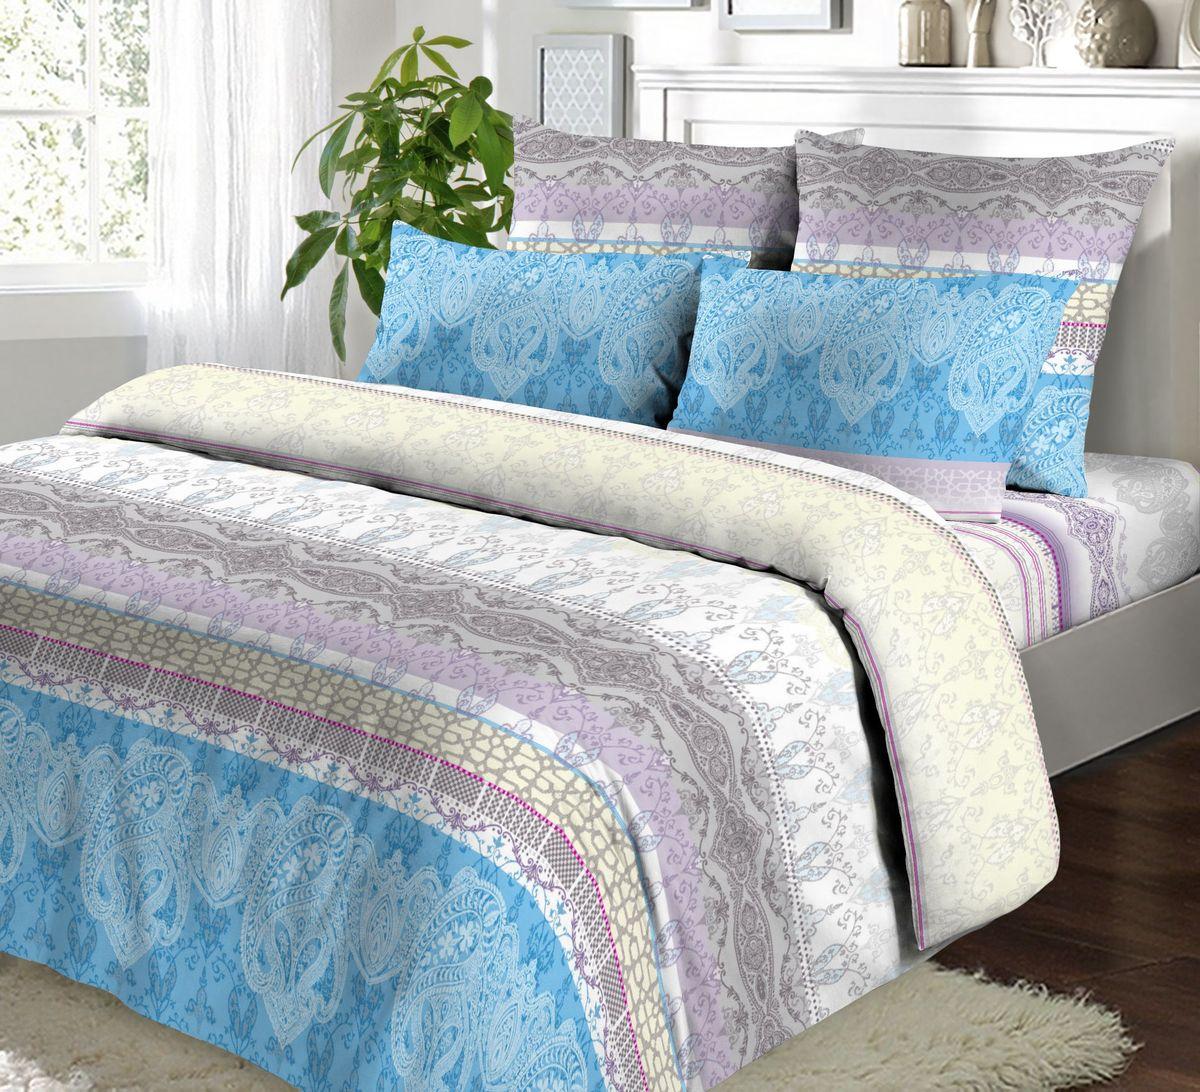 Комплект белья Коллекция Версаль, 2-спальный, наволочки 50x70 смБК2/50/ОЗ/верКомплект постельного белья Коллекция Версаль выполнен из бязи (100% натурального хлопка). Комплект состоит из пододеяльника, простыни и двух наволочек. Постельное белье оформлено ярким красочным рисунком.Хорошая, качественная бязь всегда ценилась любителями спокойного и комфортного сна. Гладкая структура делает ткань приятной на ощупь, мягкой и нежной, при этом она прочная и хорошо сохраняет форму. Благодаря такому комплекту постельного белья вы сможете создать атмосферу роскоши и романтики в вашей спальне.